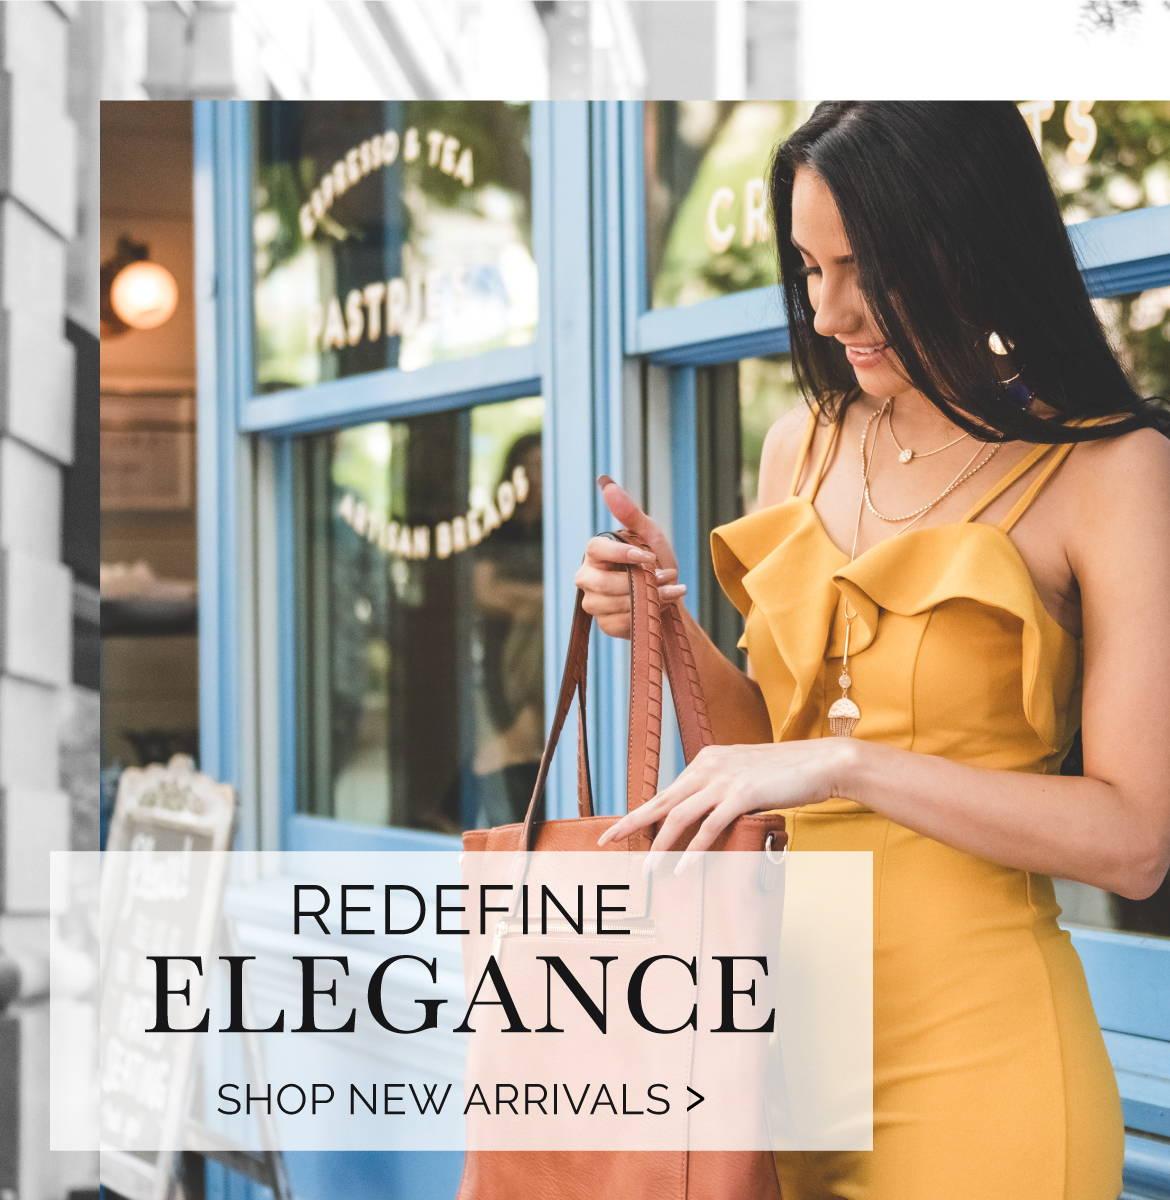 boutique fashion, clothing boutique, bella ella boutique, professional style